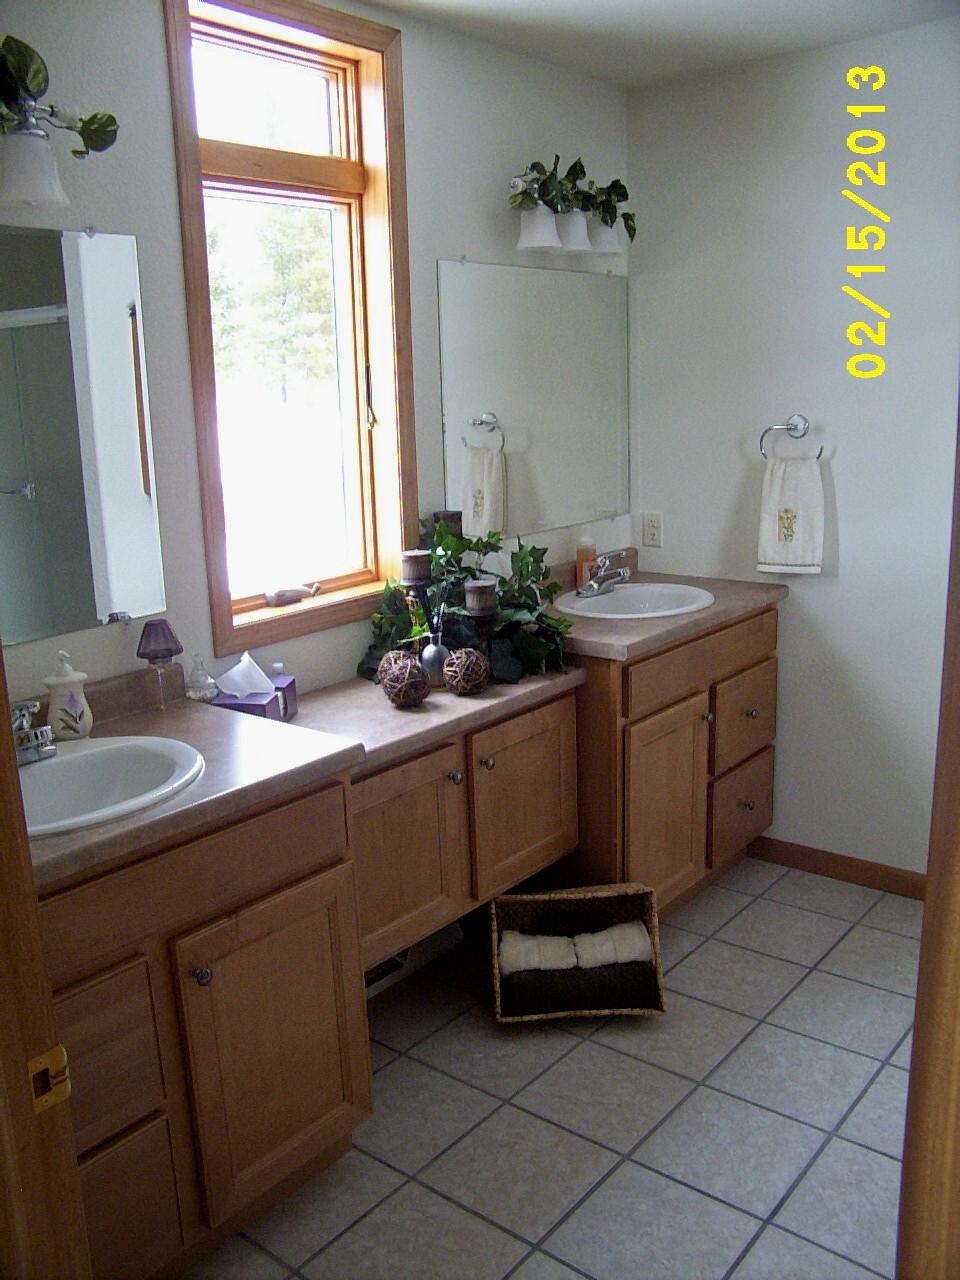 CDZMResidenthtm - Bathroom remodeling wausau wi